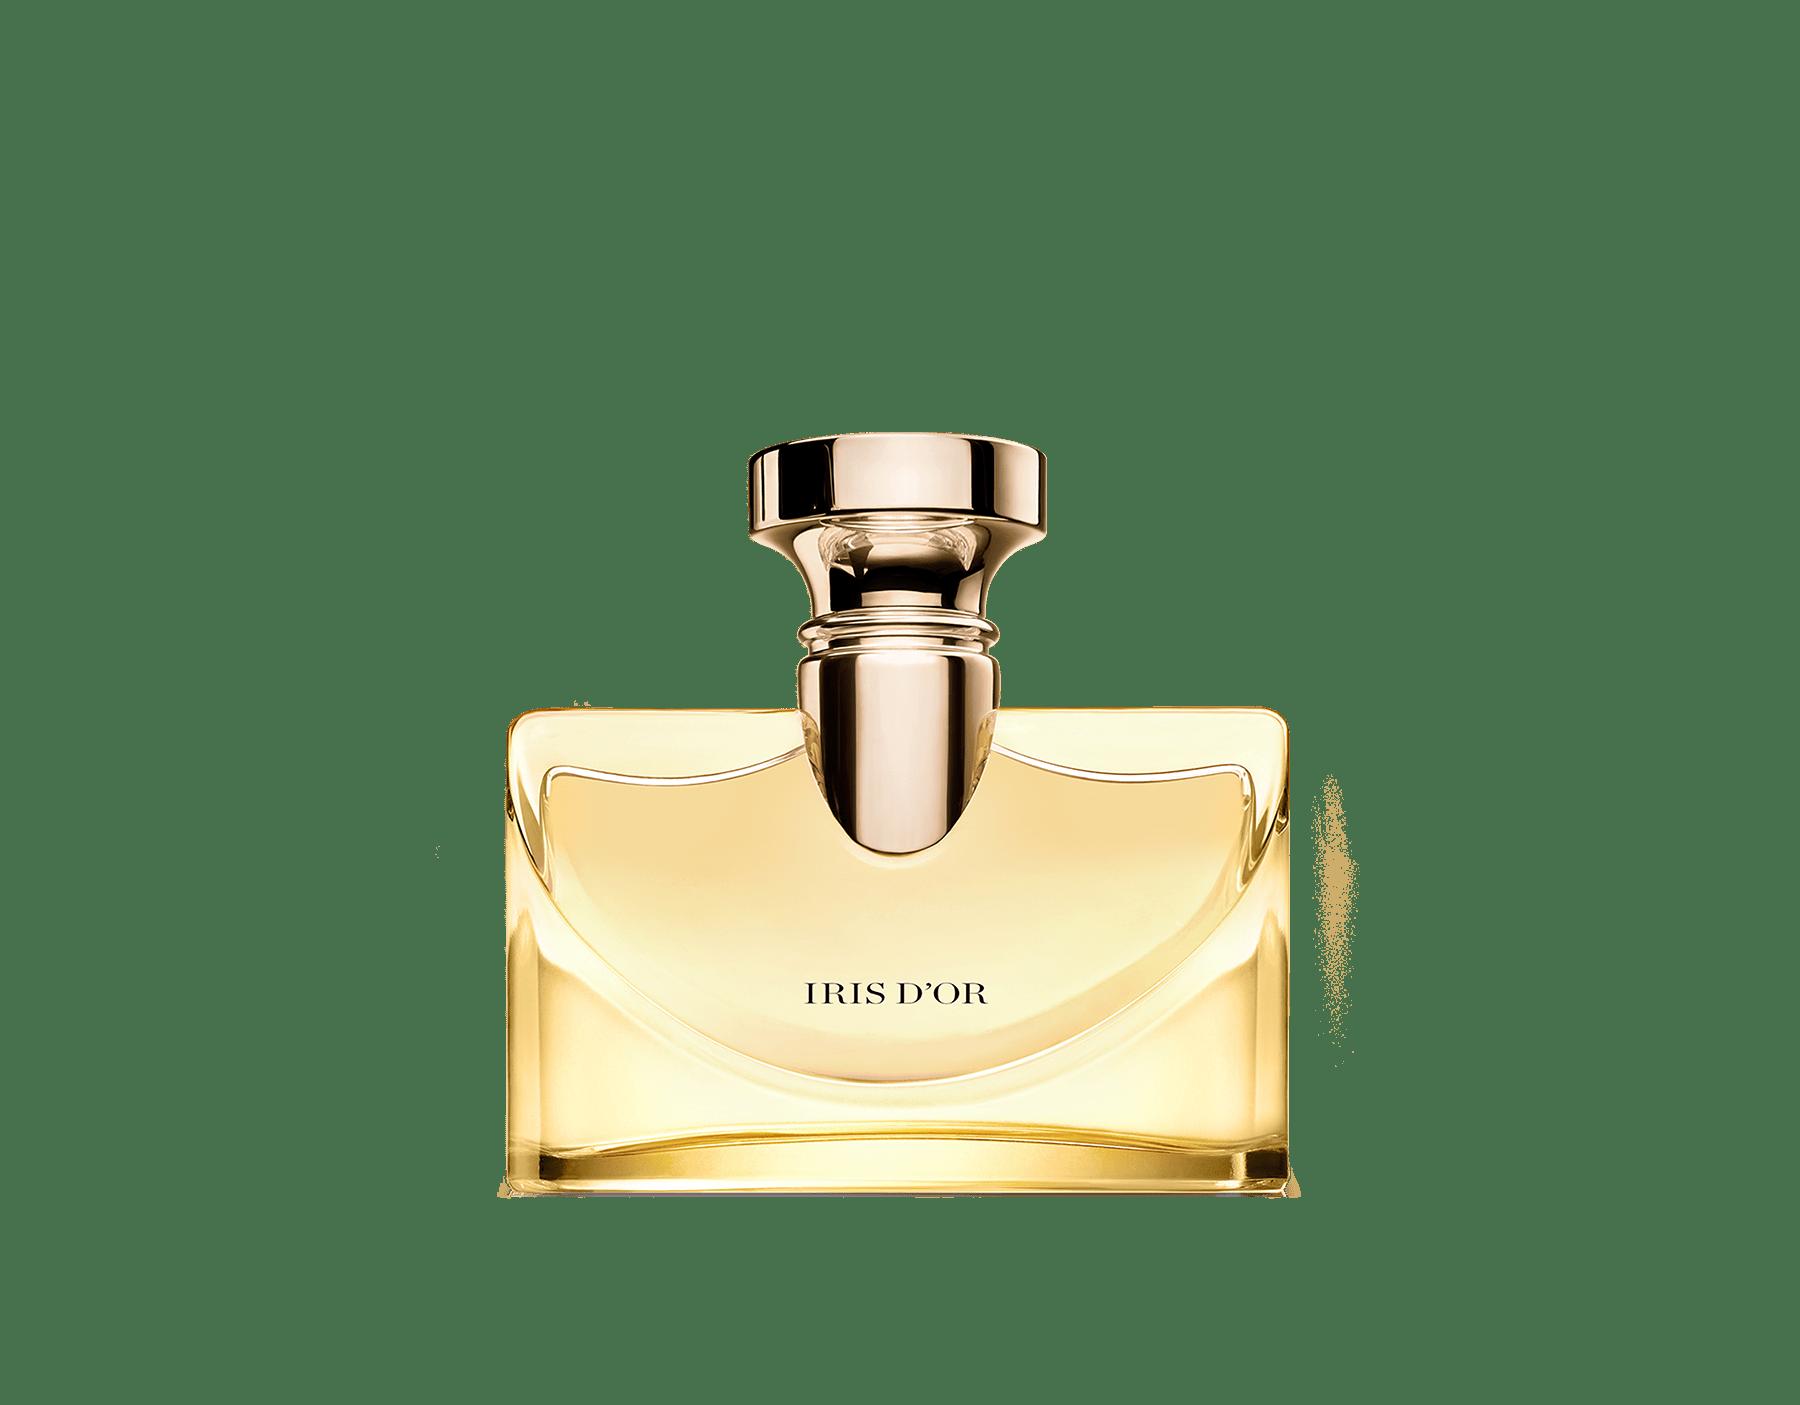 独特のパウダリーな構成を露わにし、贅沢な黄金のオーラを醸し出す、陽気で輝く軽いフレグランス 97736 image 1